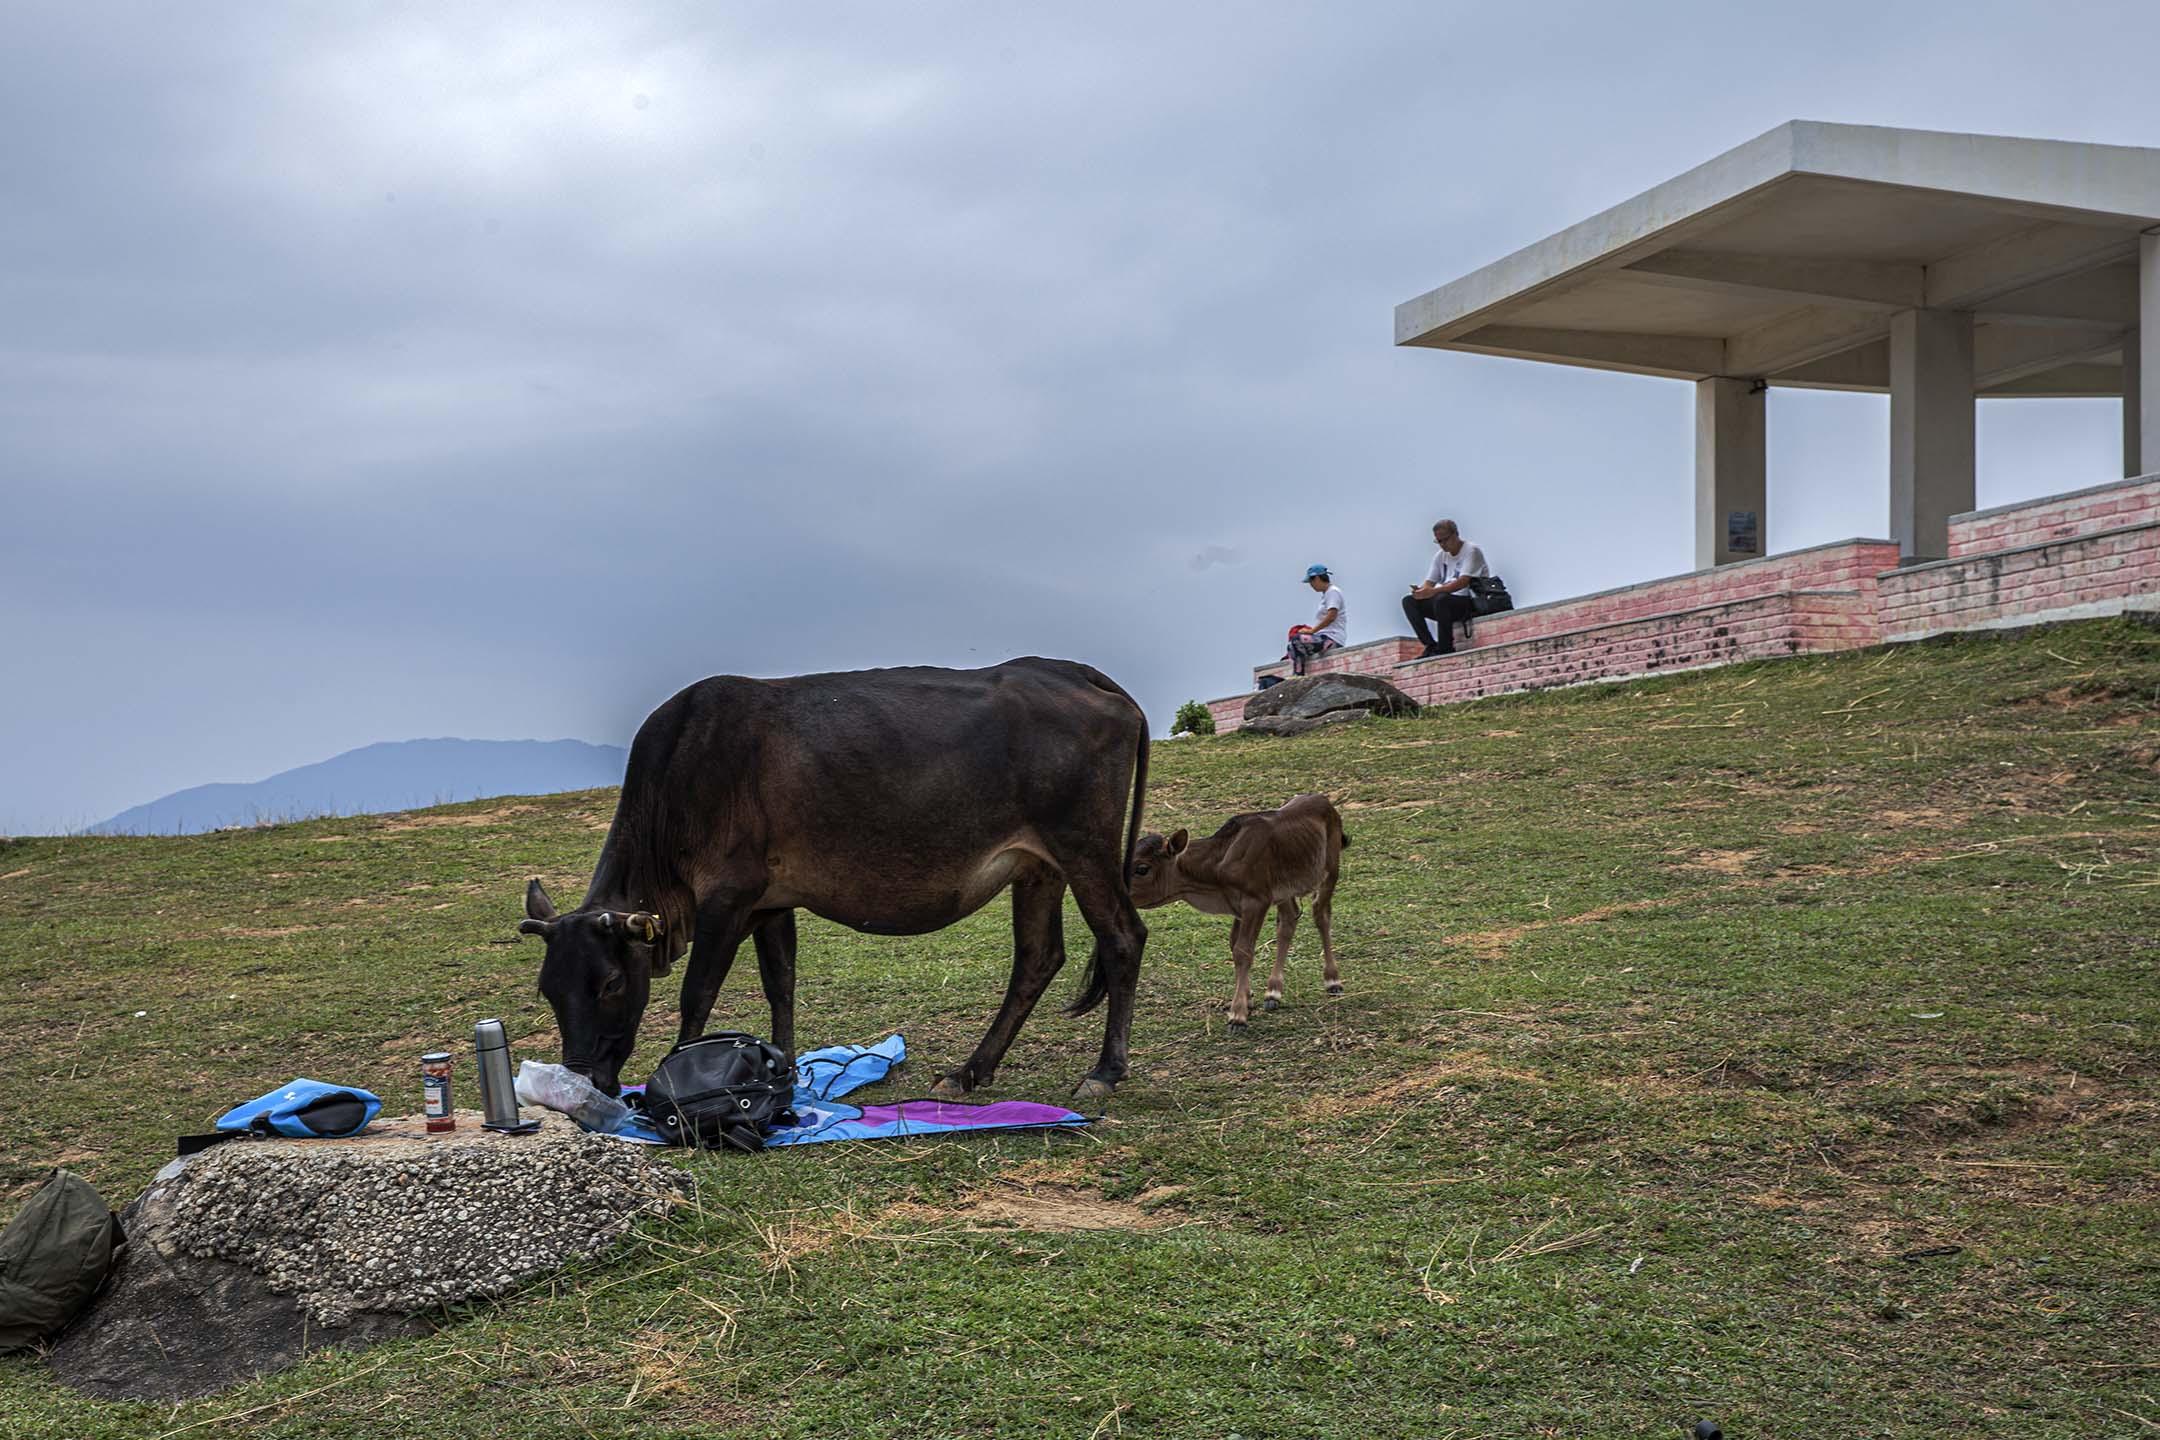 一隻小牛跟著牛媽媽探索遊人的物品。